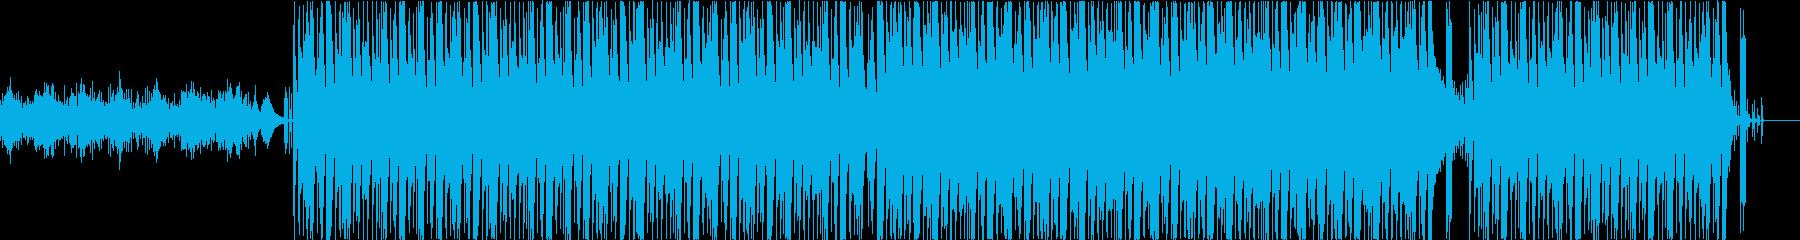 Plumberの再生済みの波形